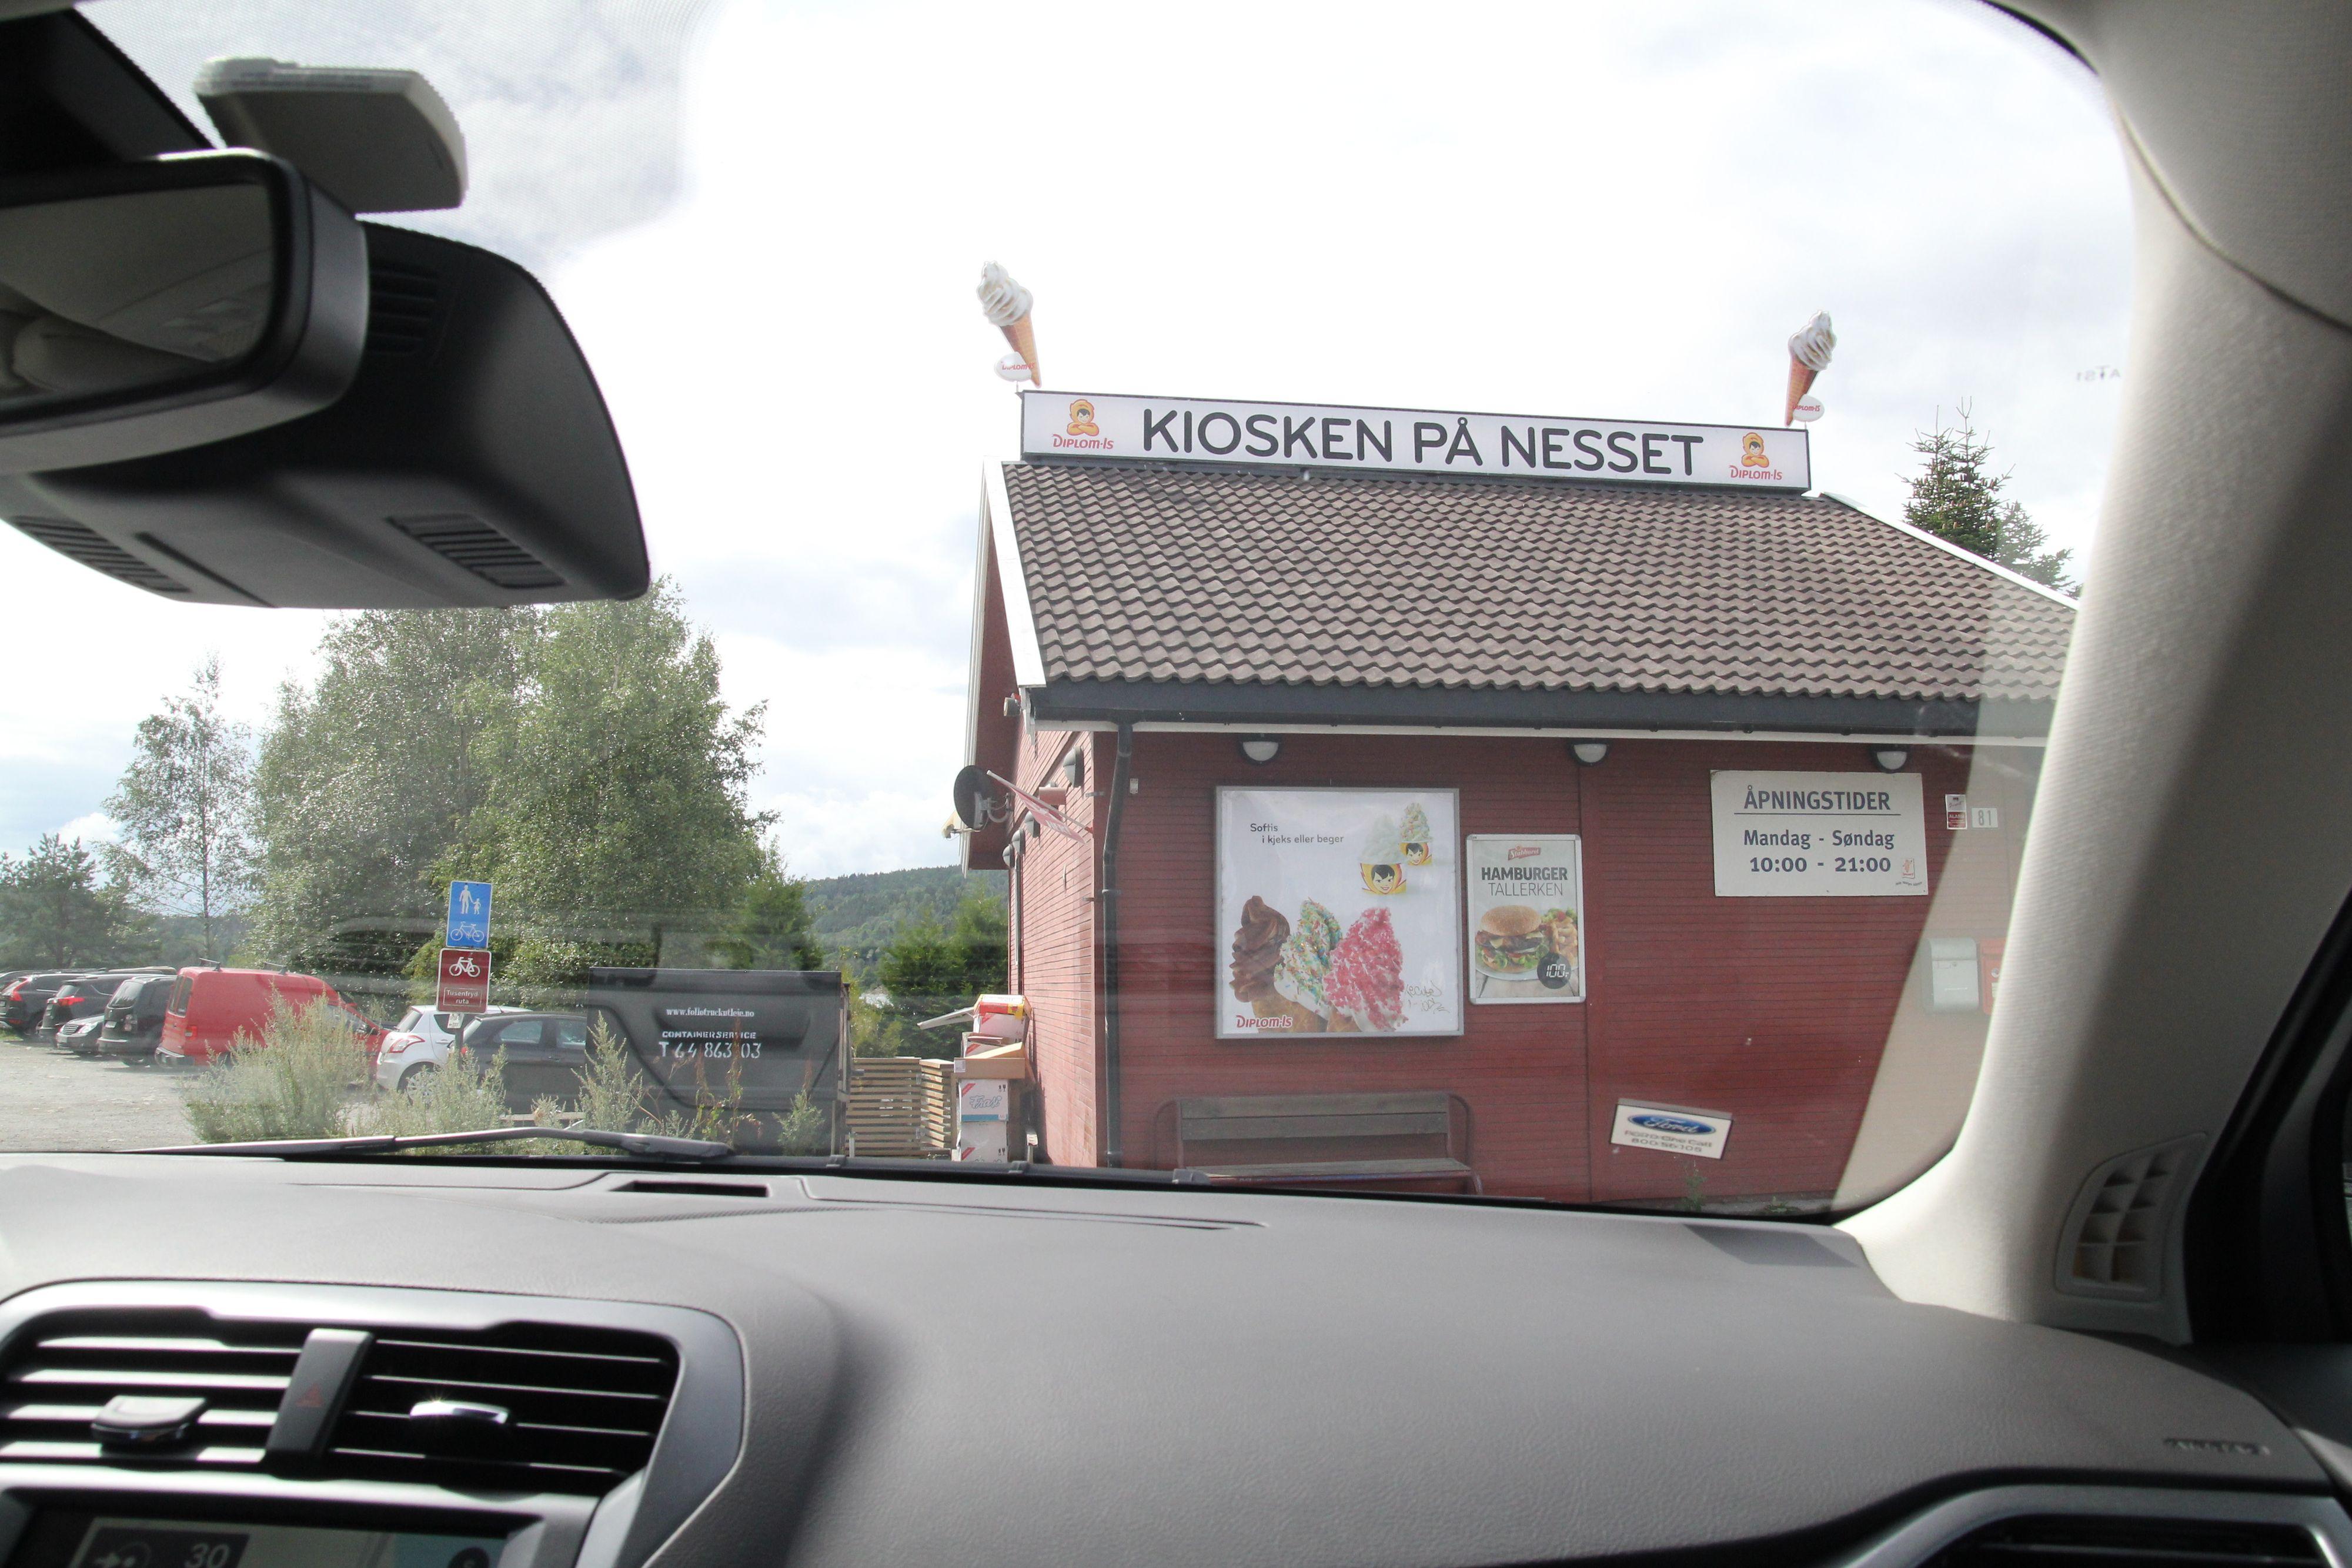 Legendariske kiosken på Nesset er et sted folk fra fjern og nær valfarter til på sommerstid for å kose seg med skikkelig god softis.